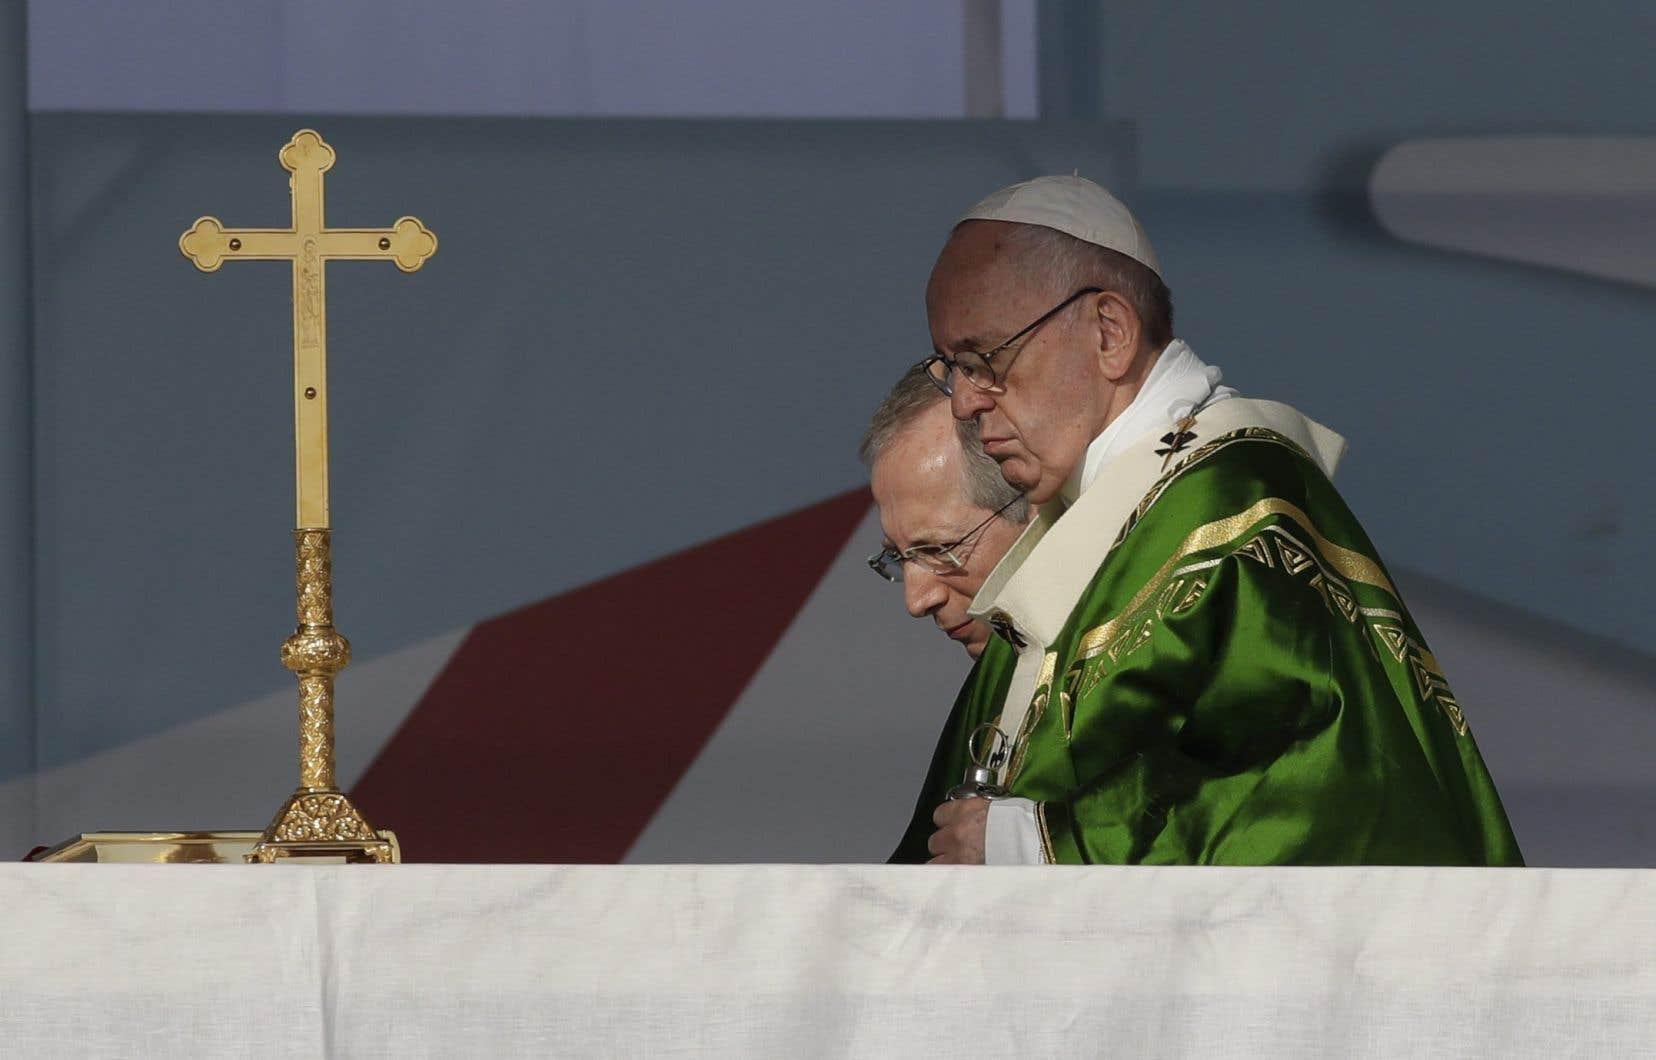 Le tout premier sommet du Vatican sur les agressions commises par des prêtres est conçu comme une «catéchèse», a indiqué le pape François.